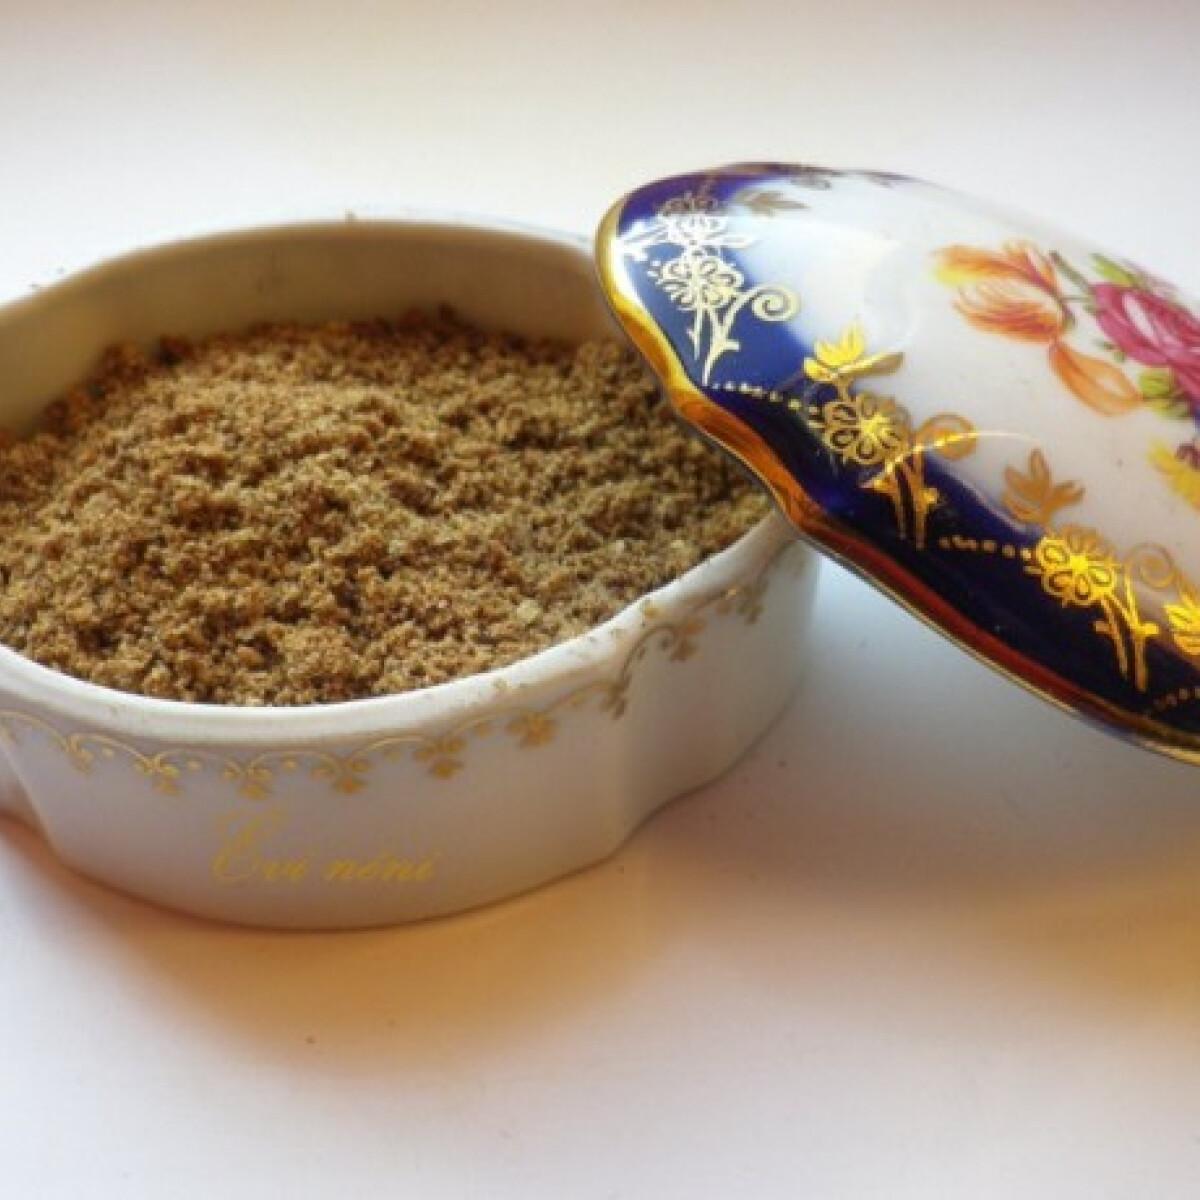 Ezen a képen: Marokkói kávékeverék